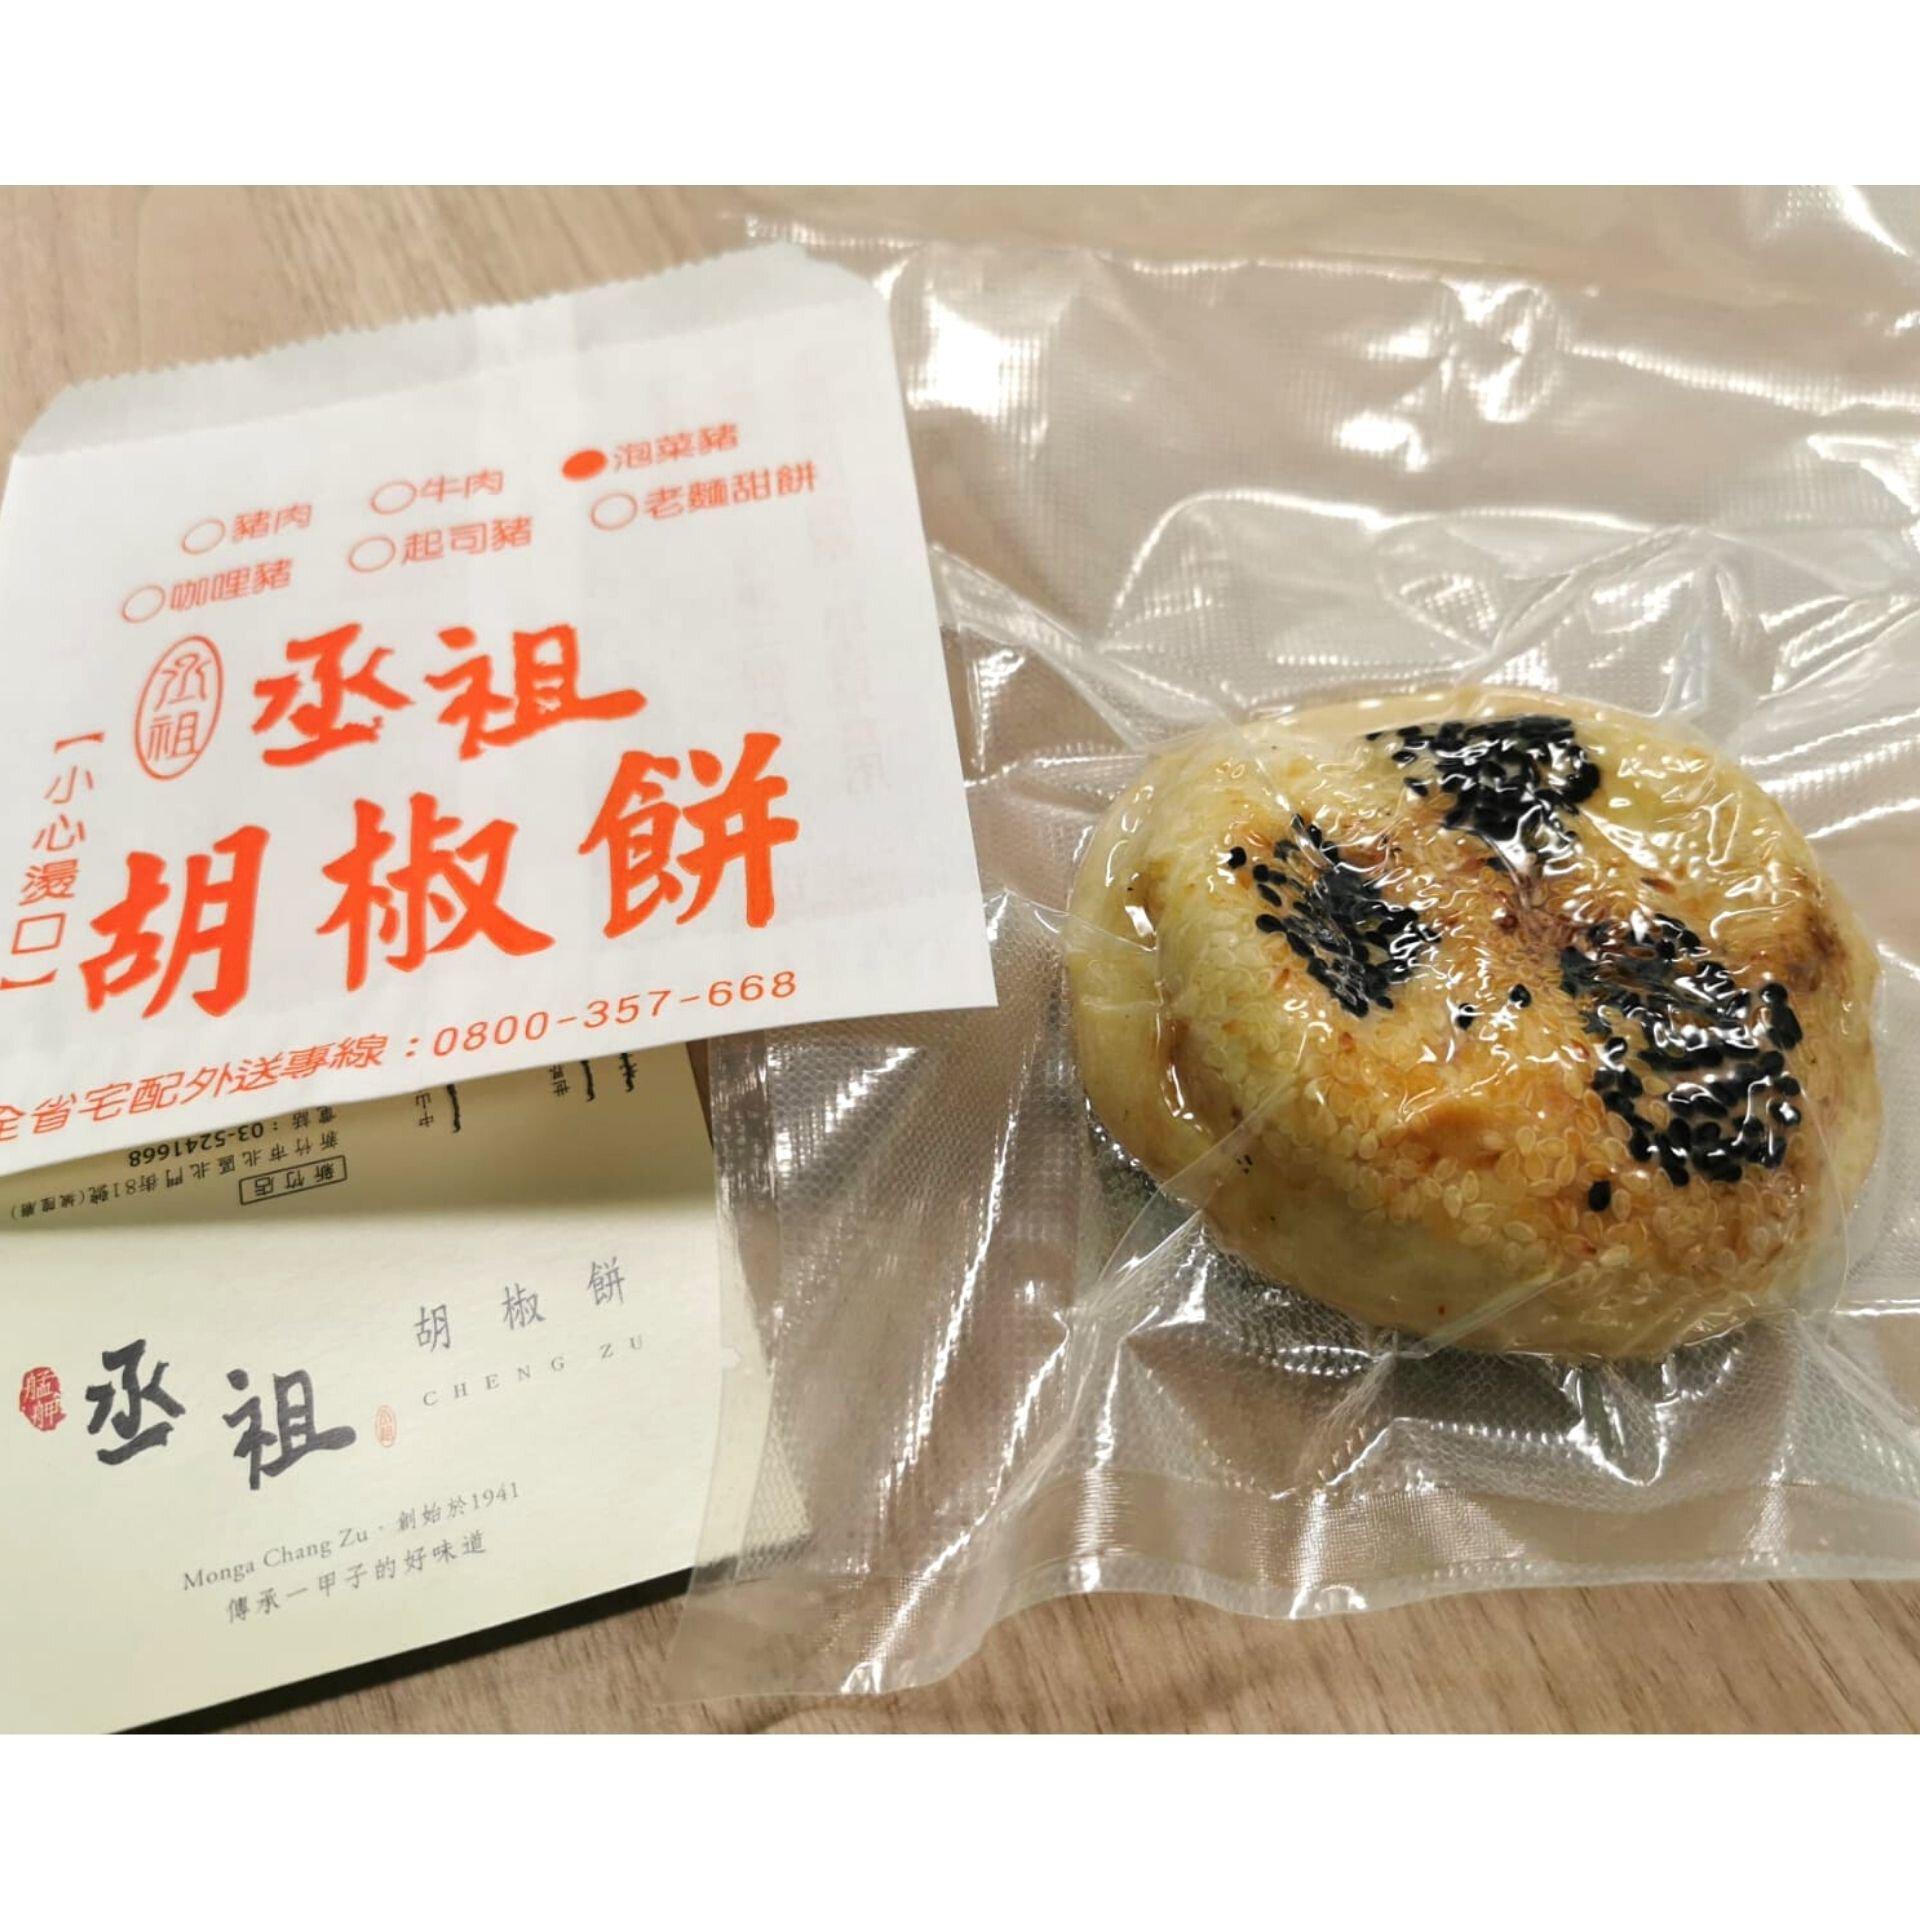 台灣丞祖胡椒餅- 芝士豬肉胡椒餅